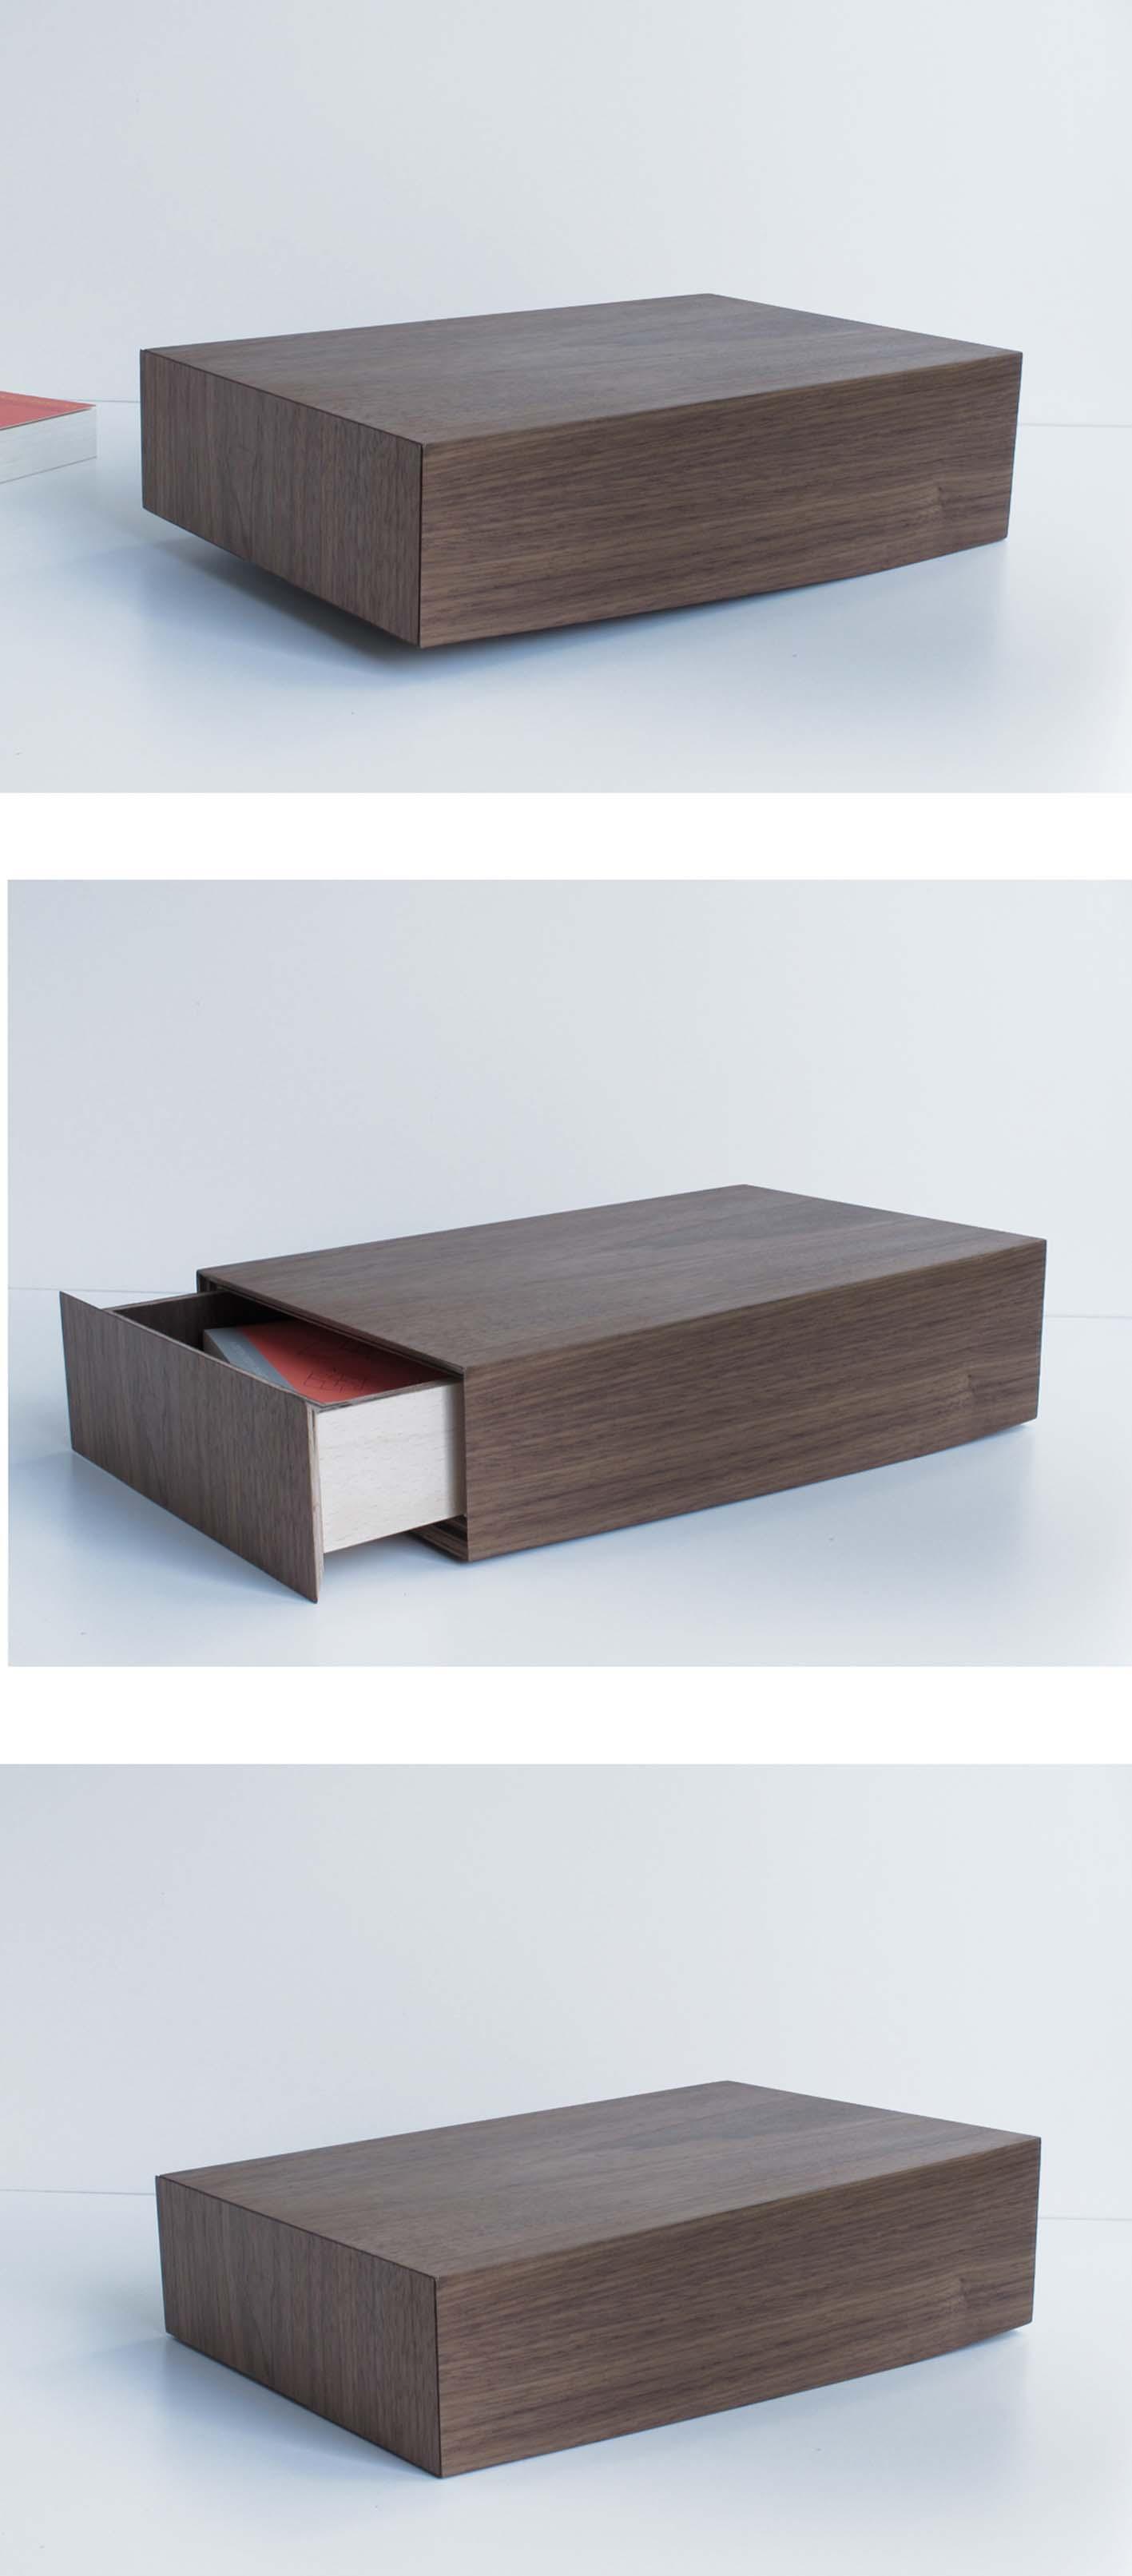 secret box_Lucile Soufflet_2